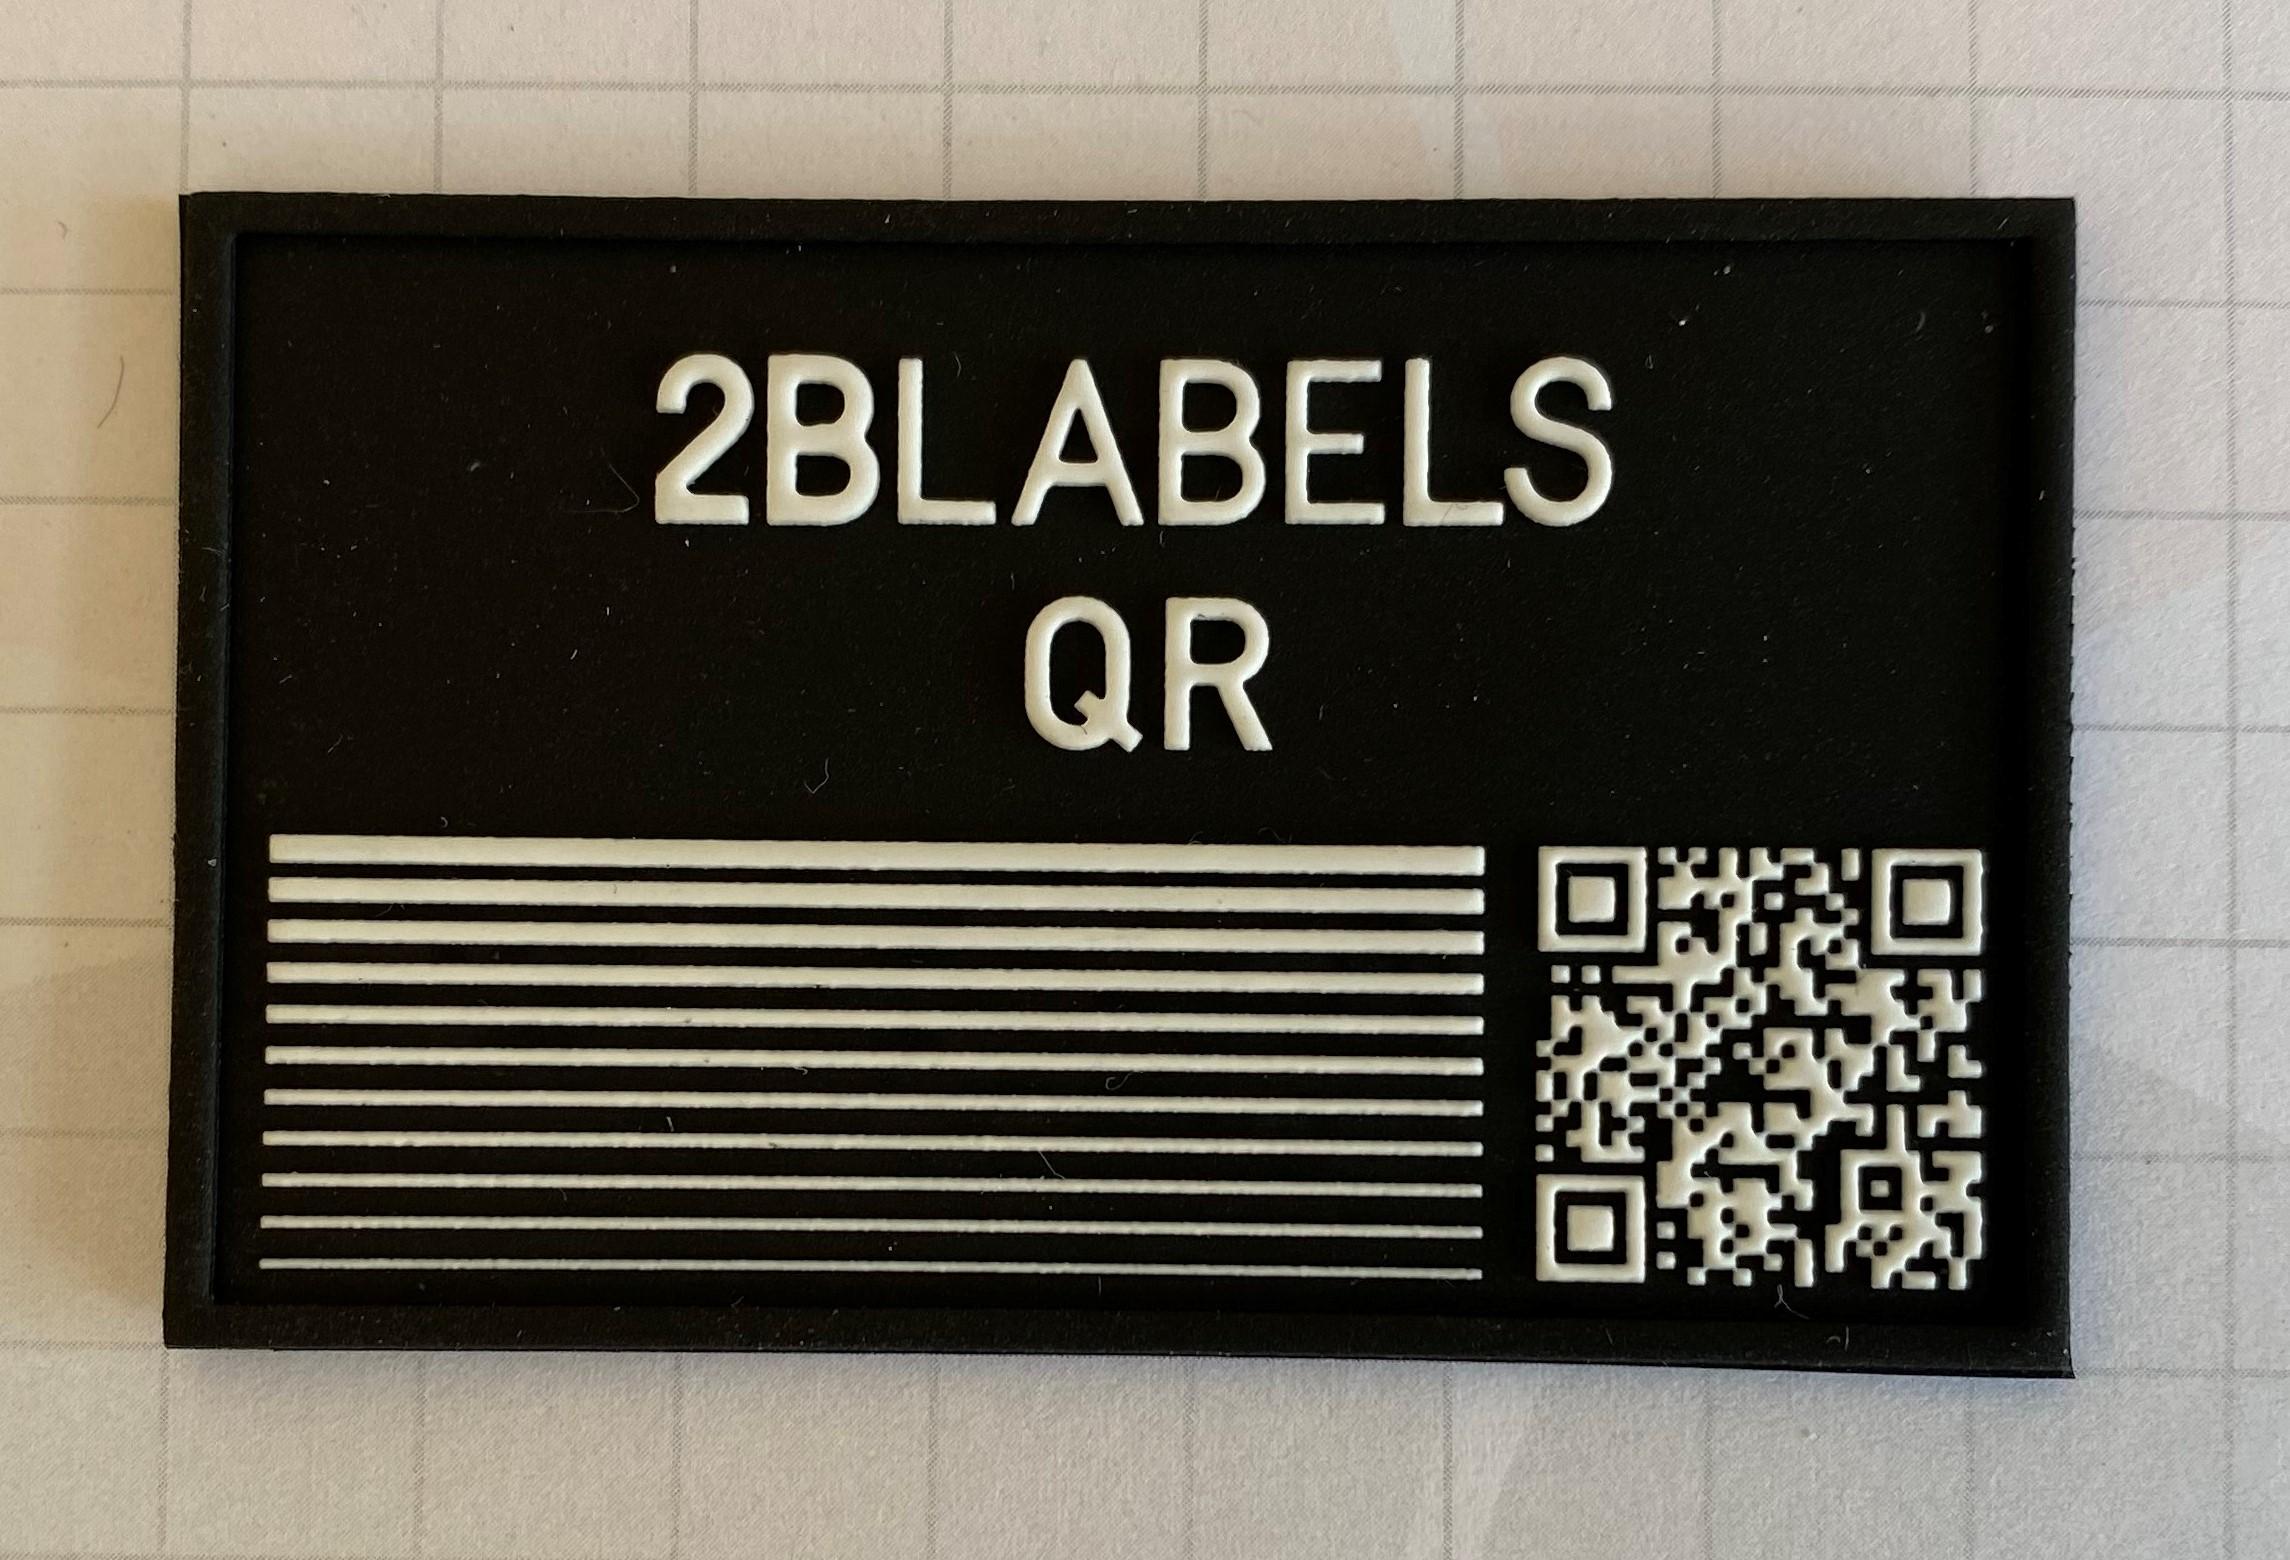 2B Labels QR